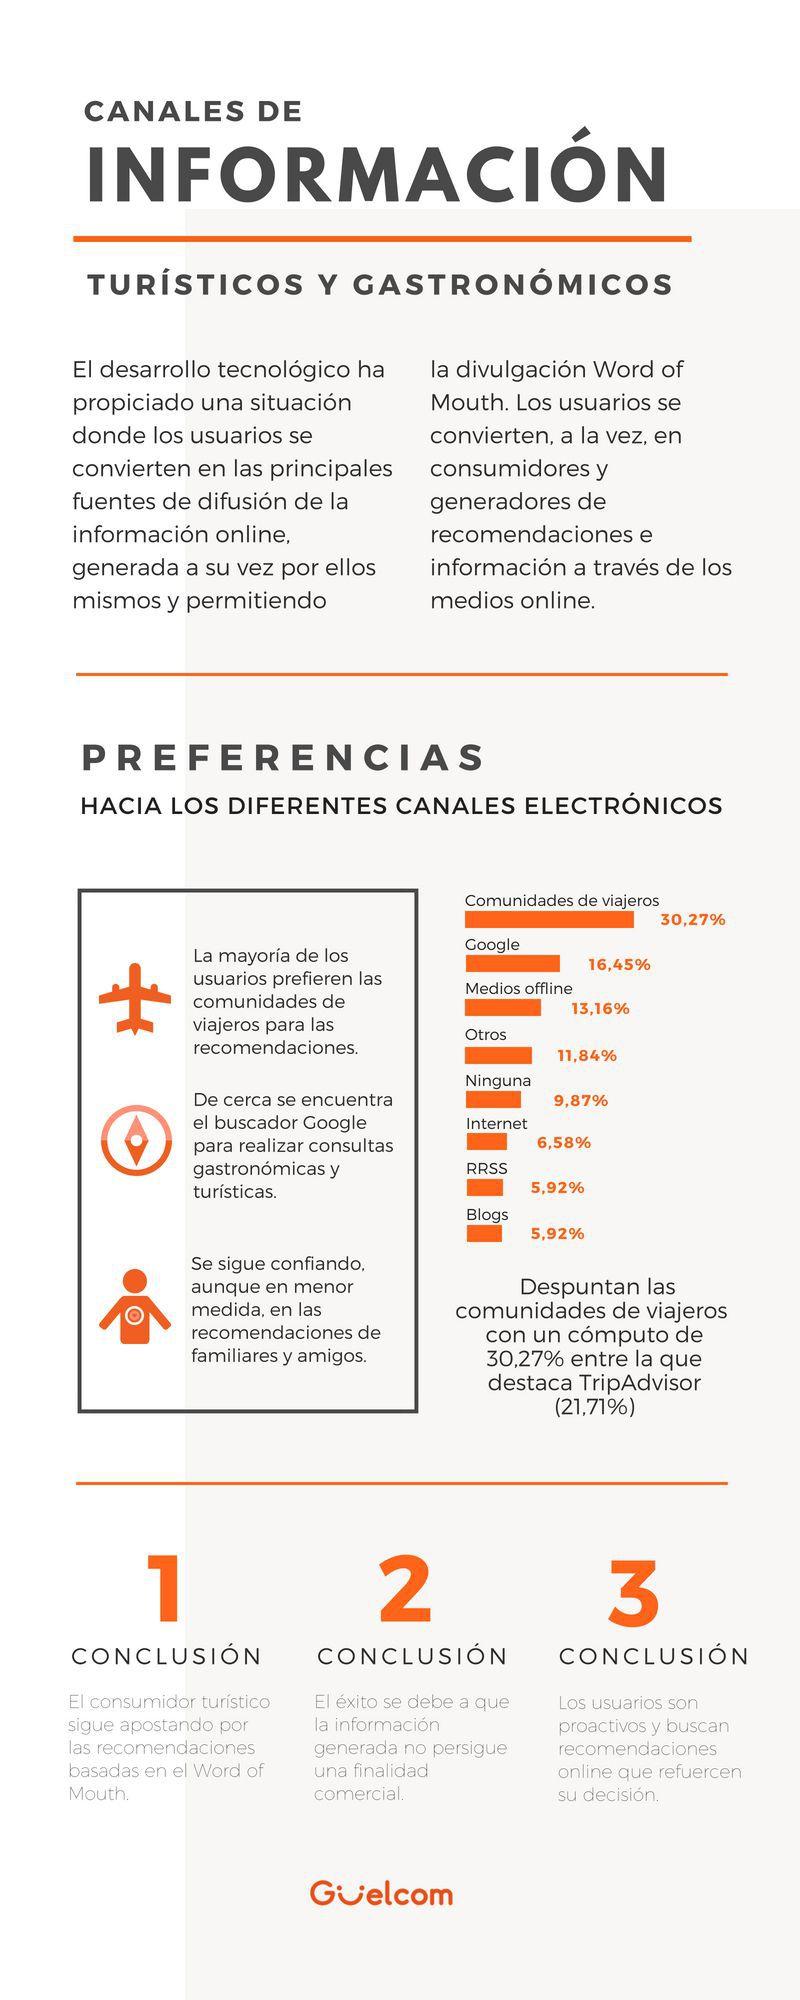 Canales de información turísticos y gastronómicos #infografia #marketing #tourism